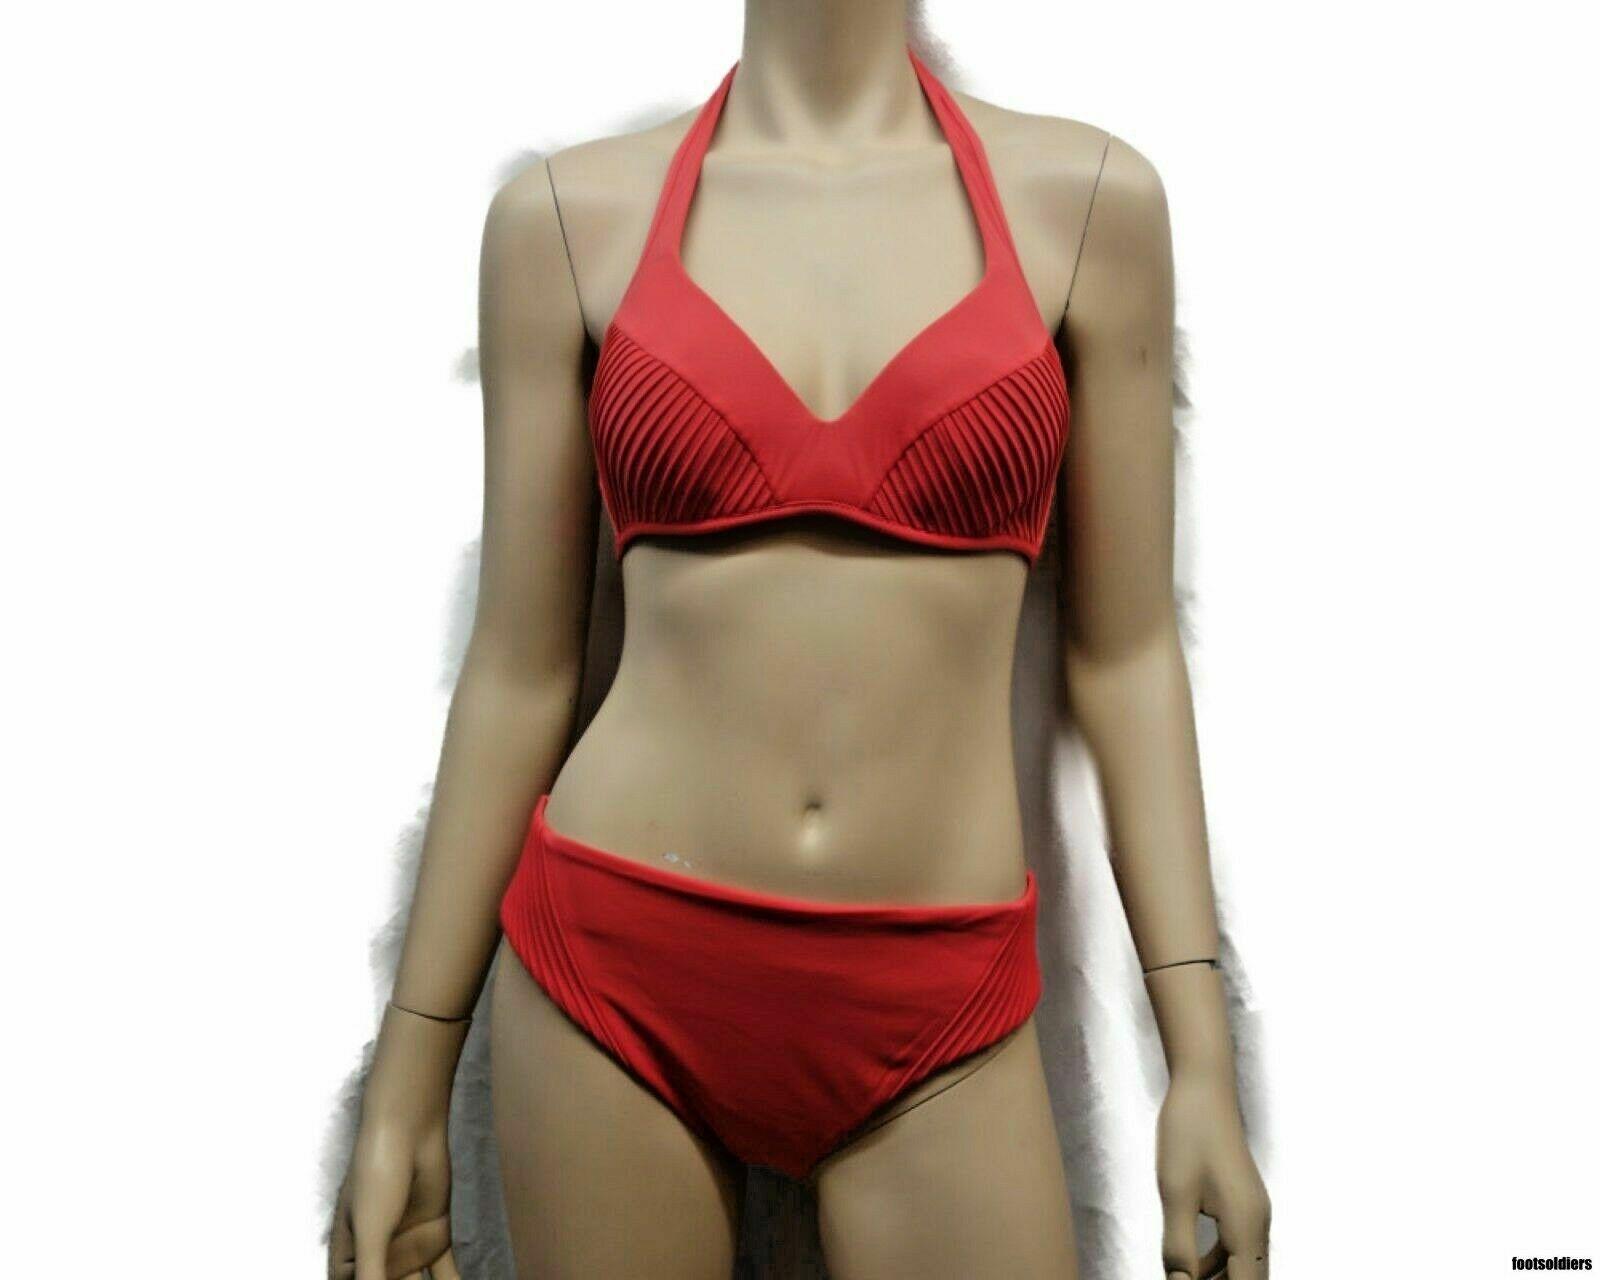 La Perla 2 Pièces Bikini Maillot de Bain Dos Nu Couleuris Corail Taille 10 800599-